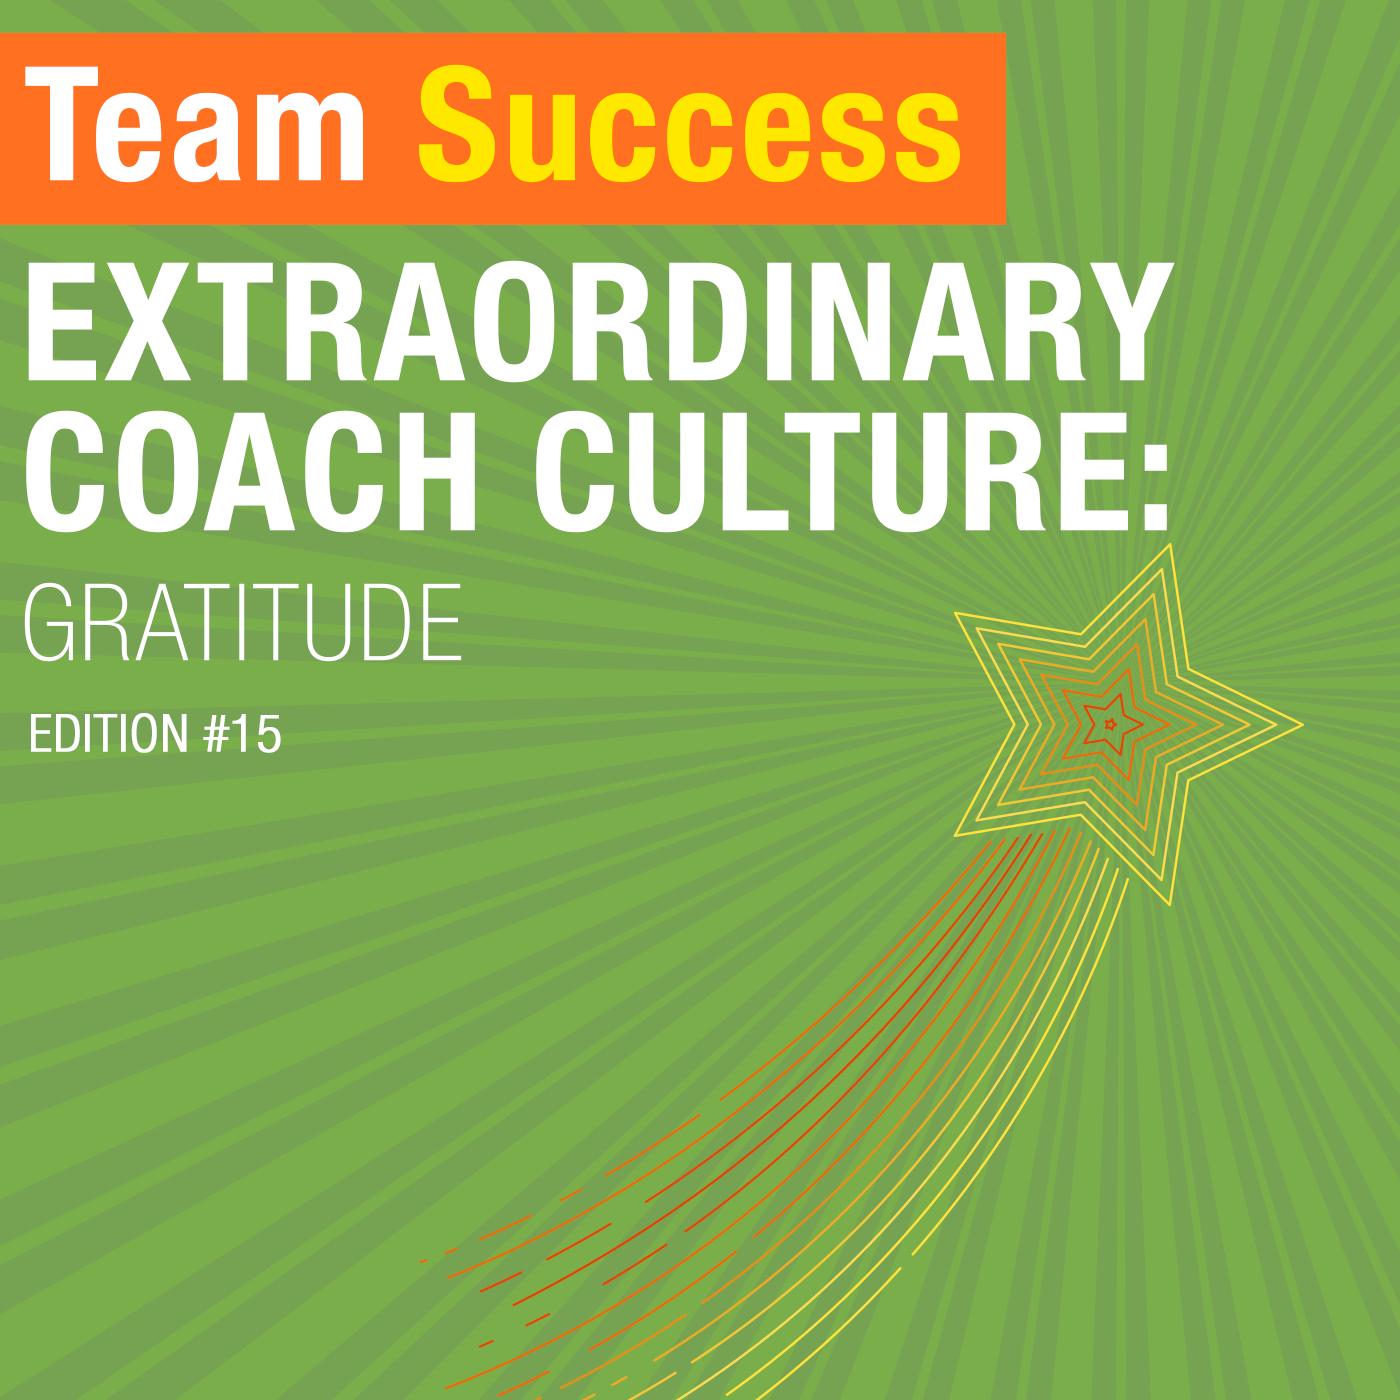 Extraordinary Coach Culture: Gratitude